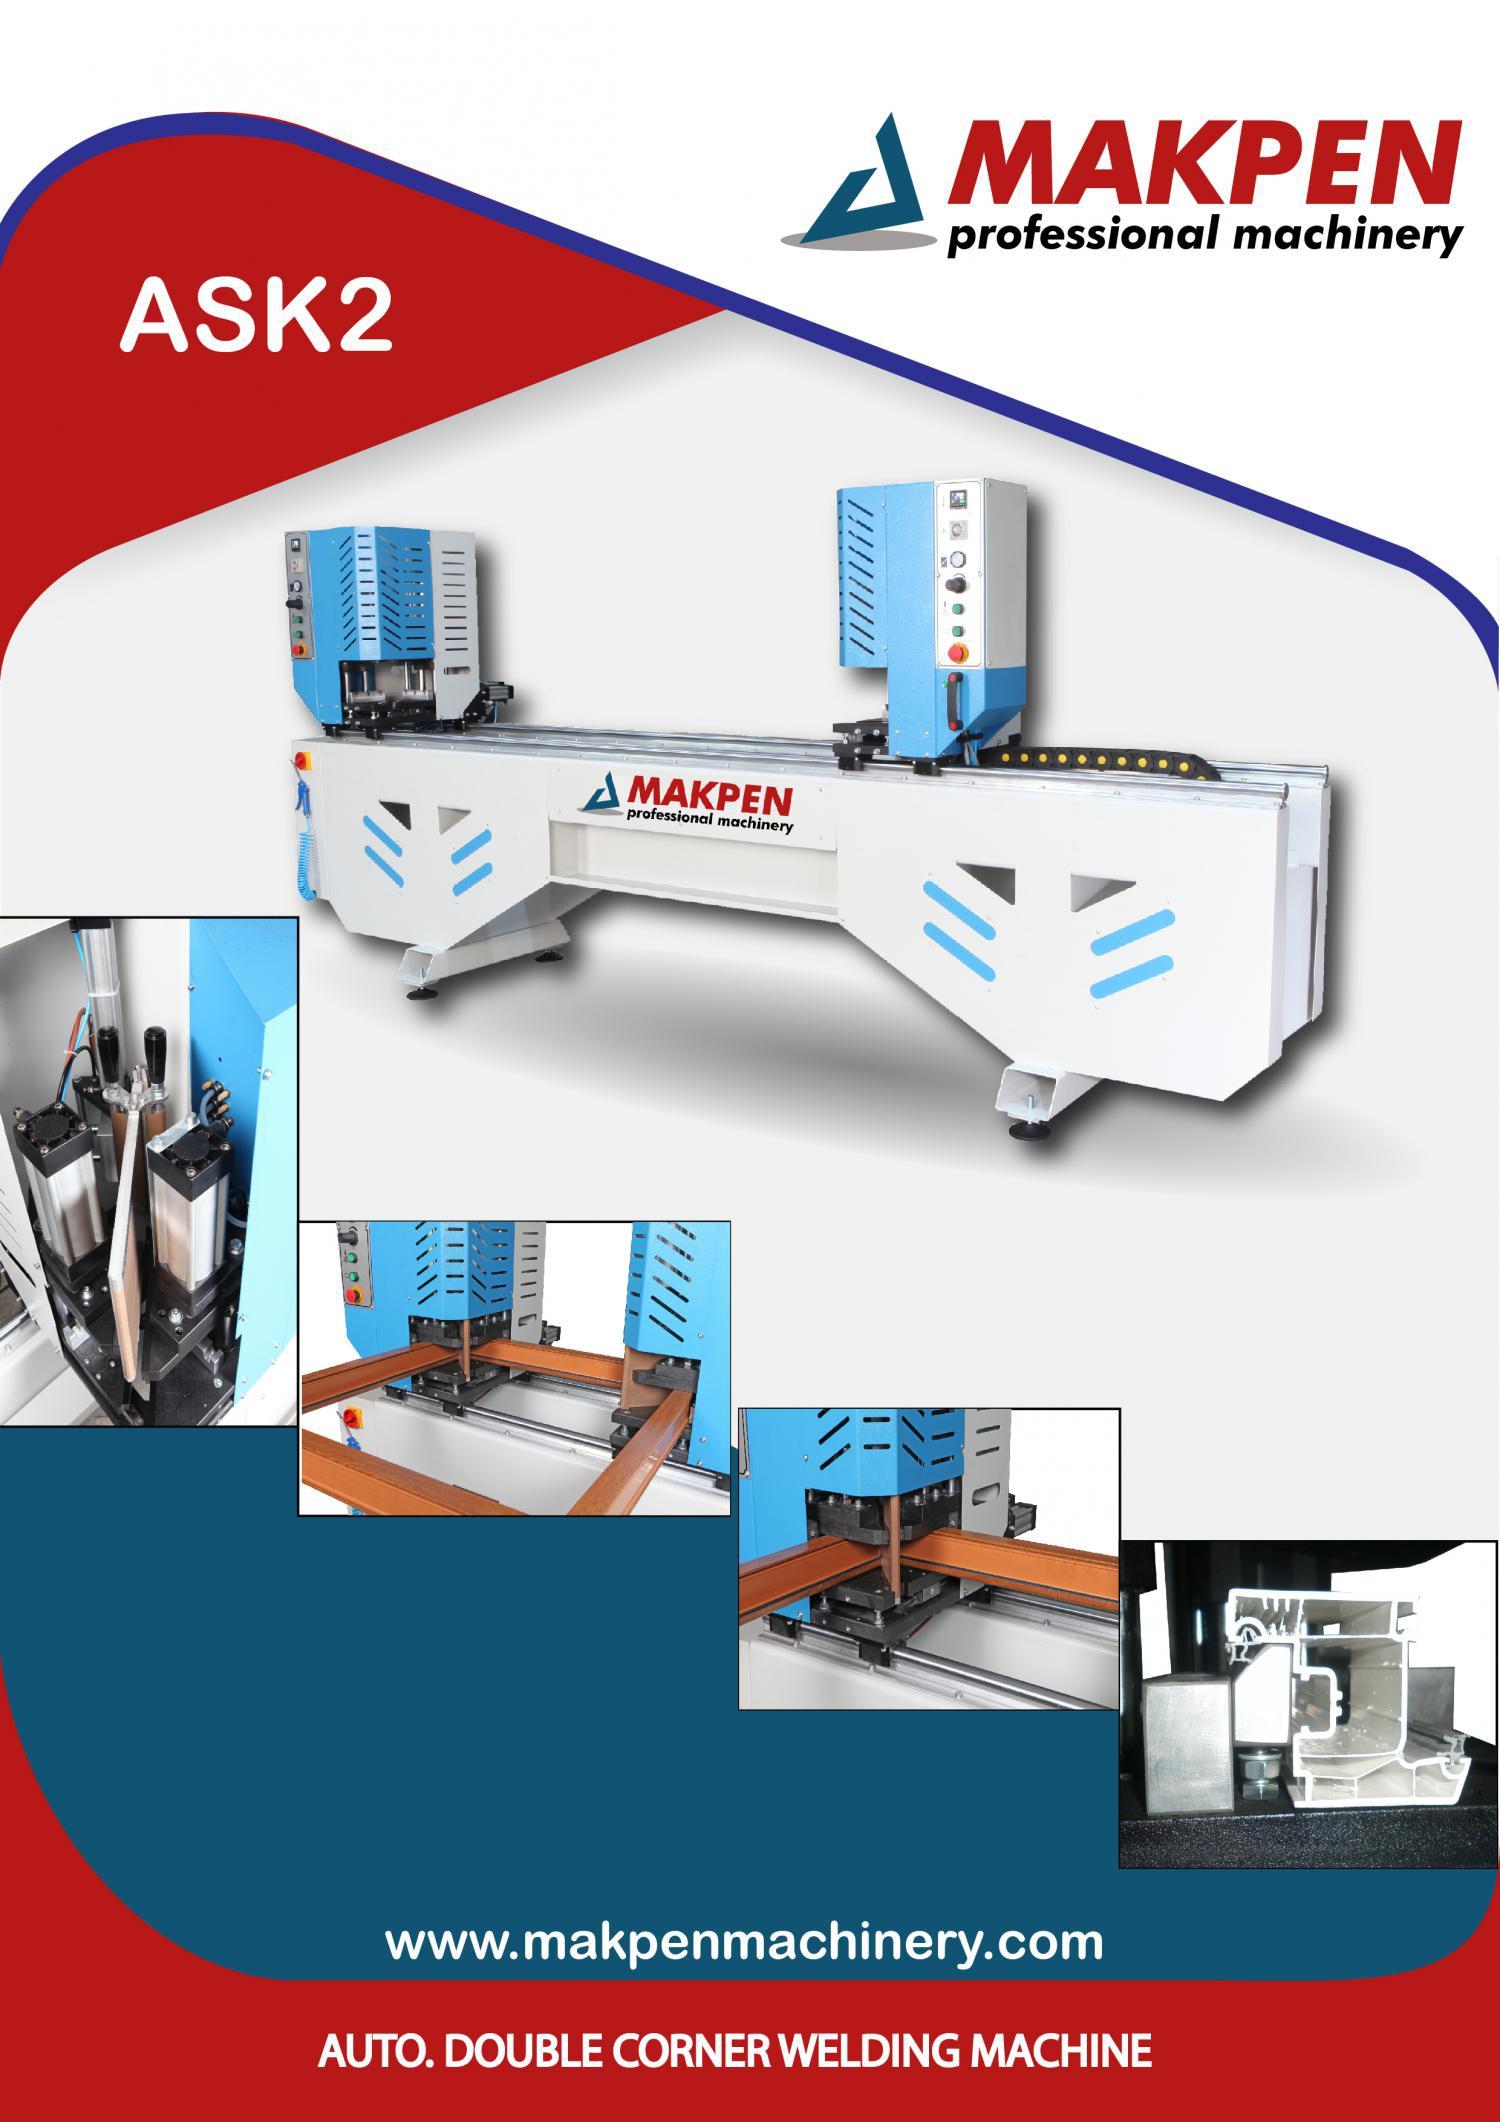 ASK2 Автоматический двухголовый сварочный станок 0,2 мм